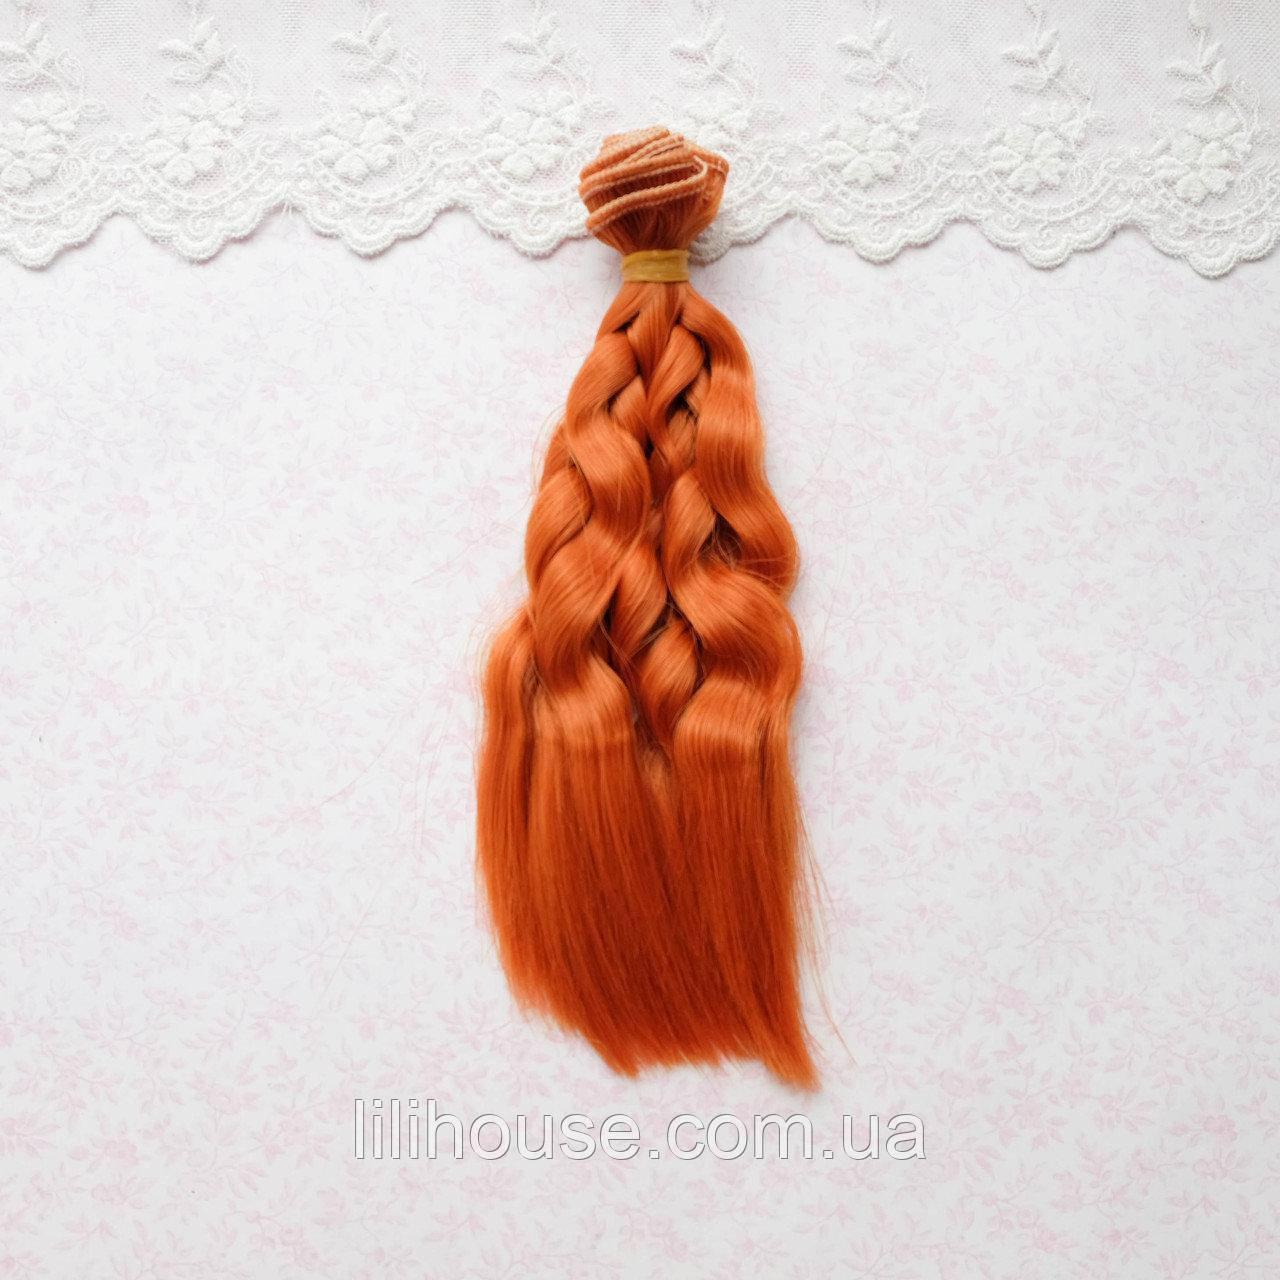 Волосы для Кукол Трессы Мелкие Волны Косичка РЫЖИЕ 15 см